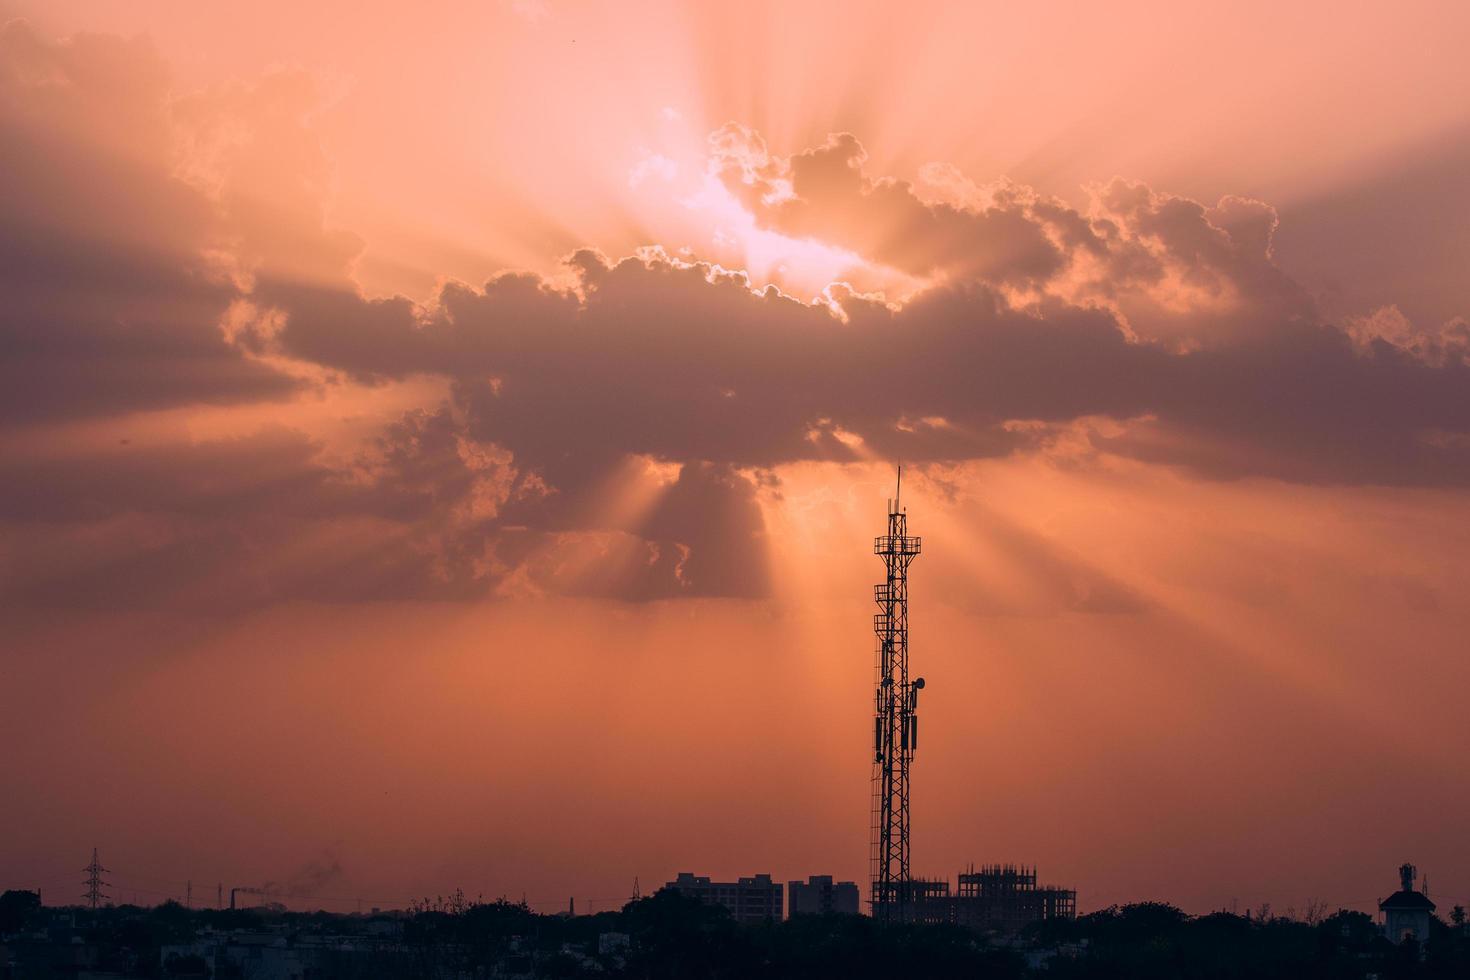 coucher de soleil spectaculaire et tour radio photo